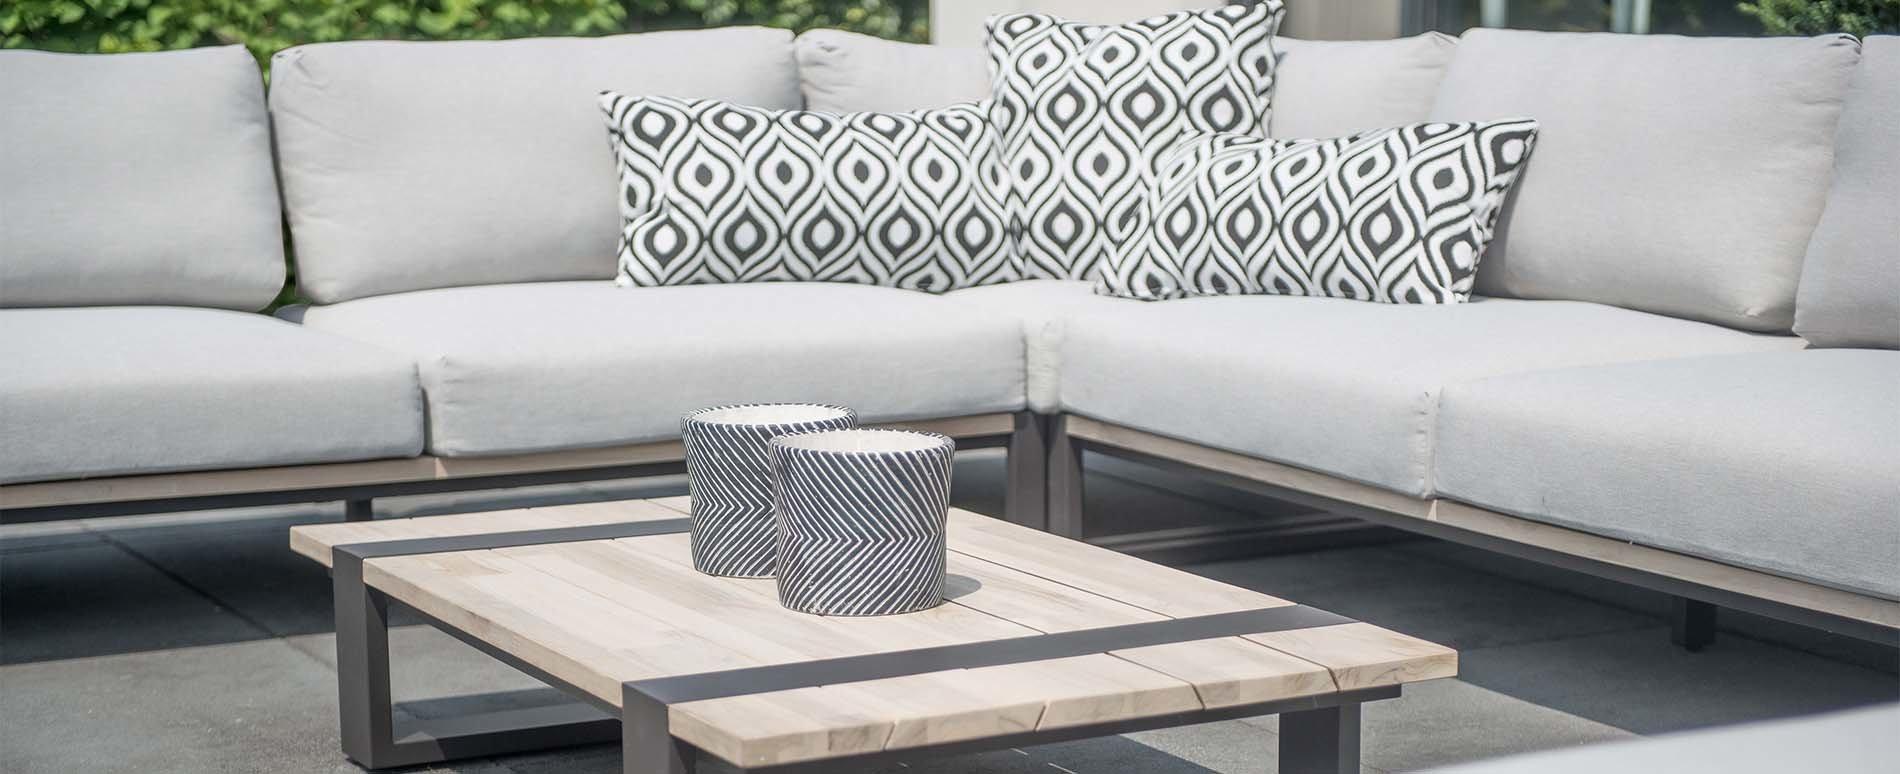 Duke lounge sofa module teakholz aluminium bequeme - Bequeme gartenmobel ...